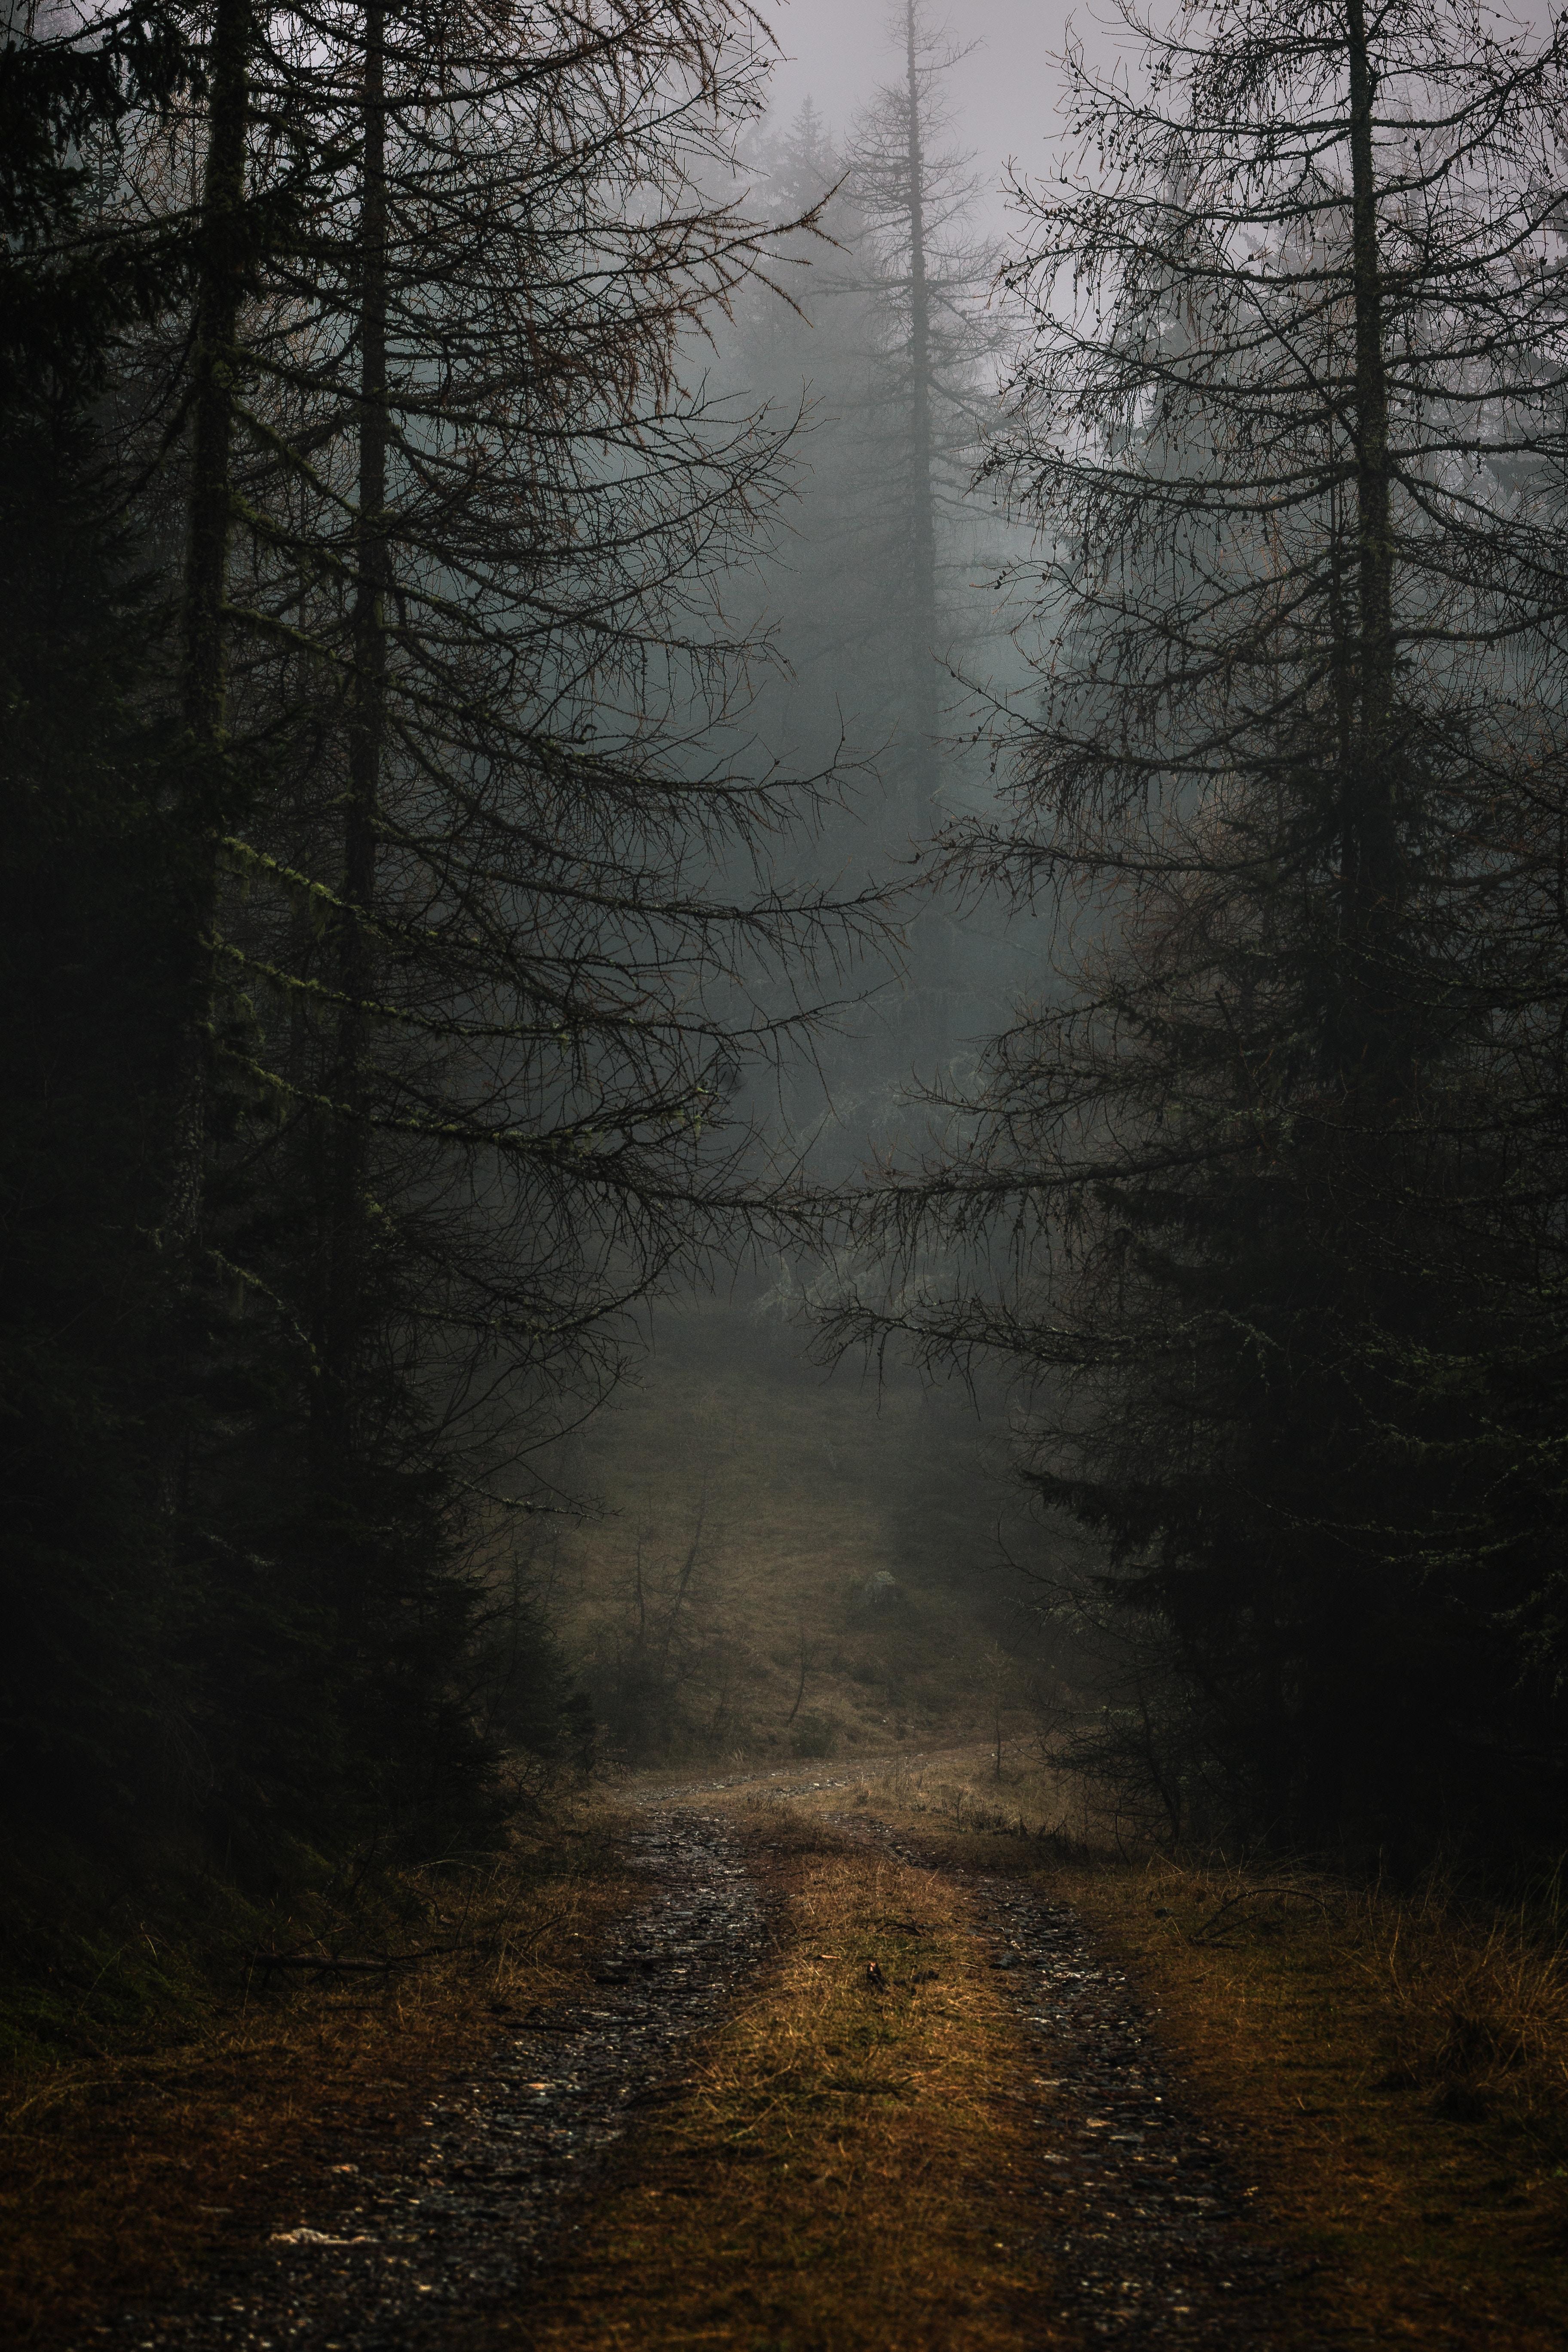 54139 скачать обои Лес, Ветки, Мрачный, Природа, Деревья, Осень, Туман, Тропинка - заставки и картинки бесплатно